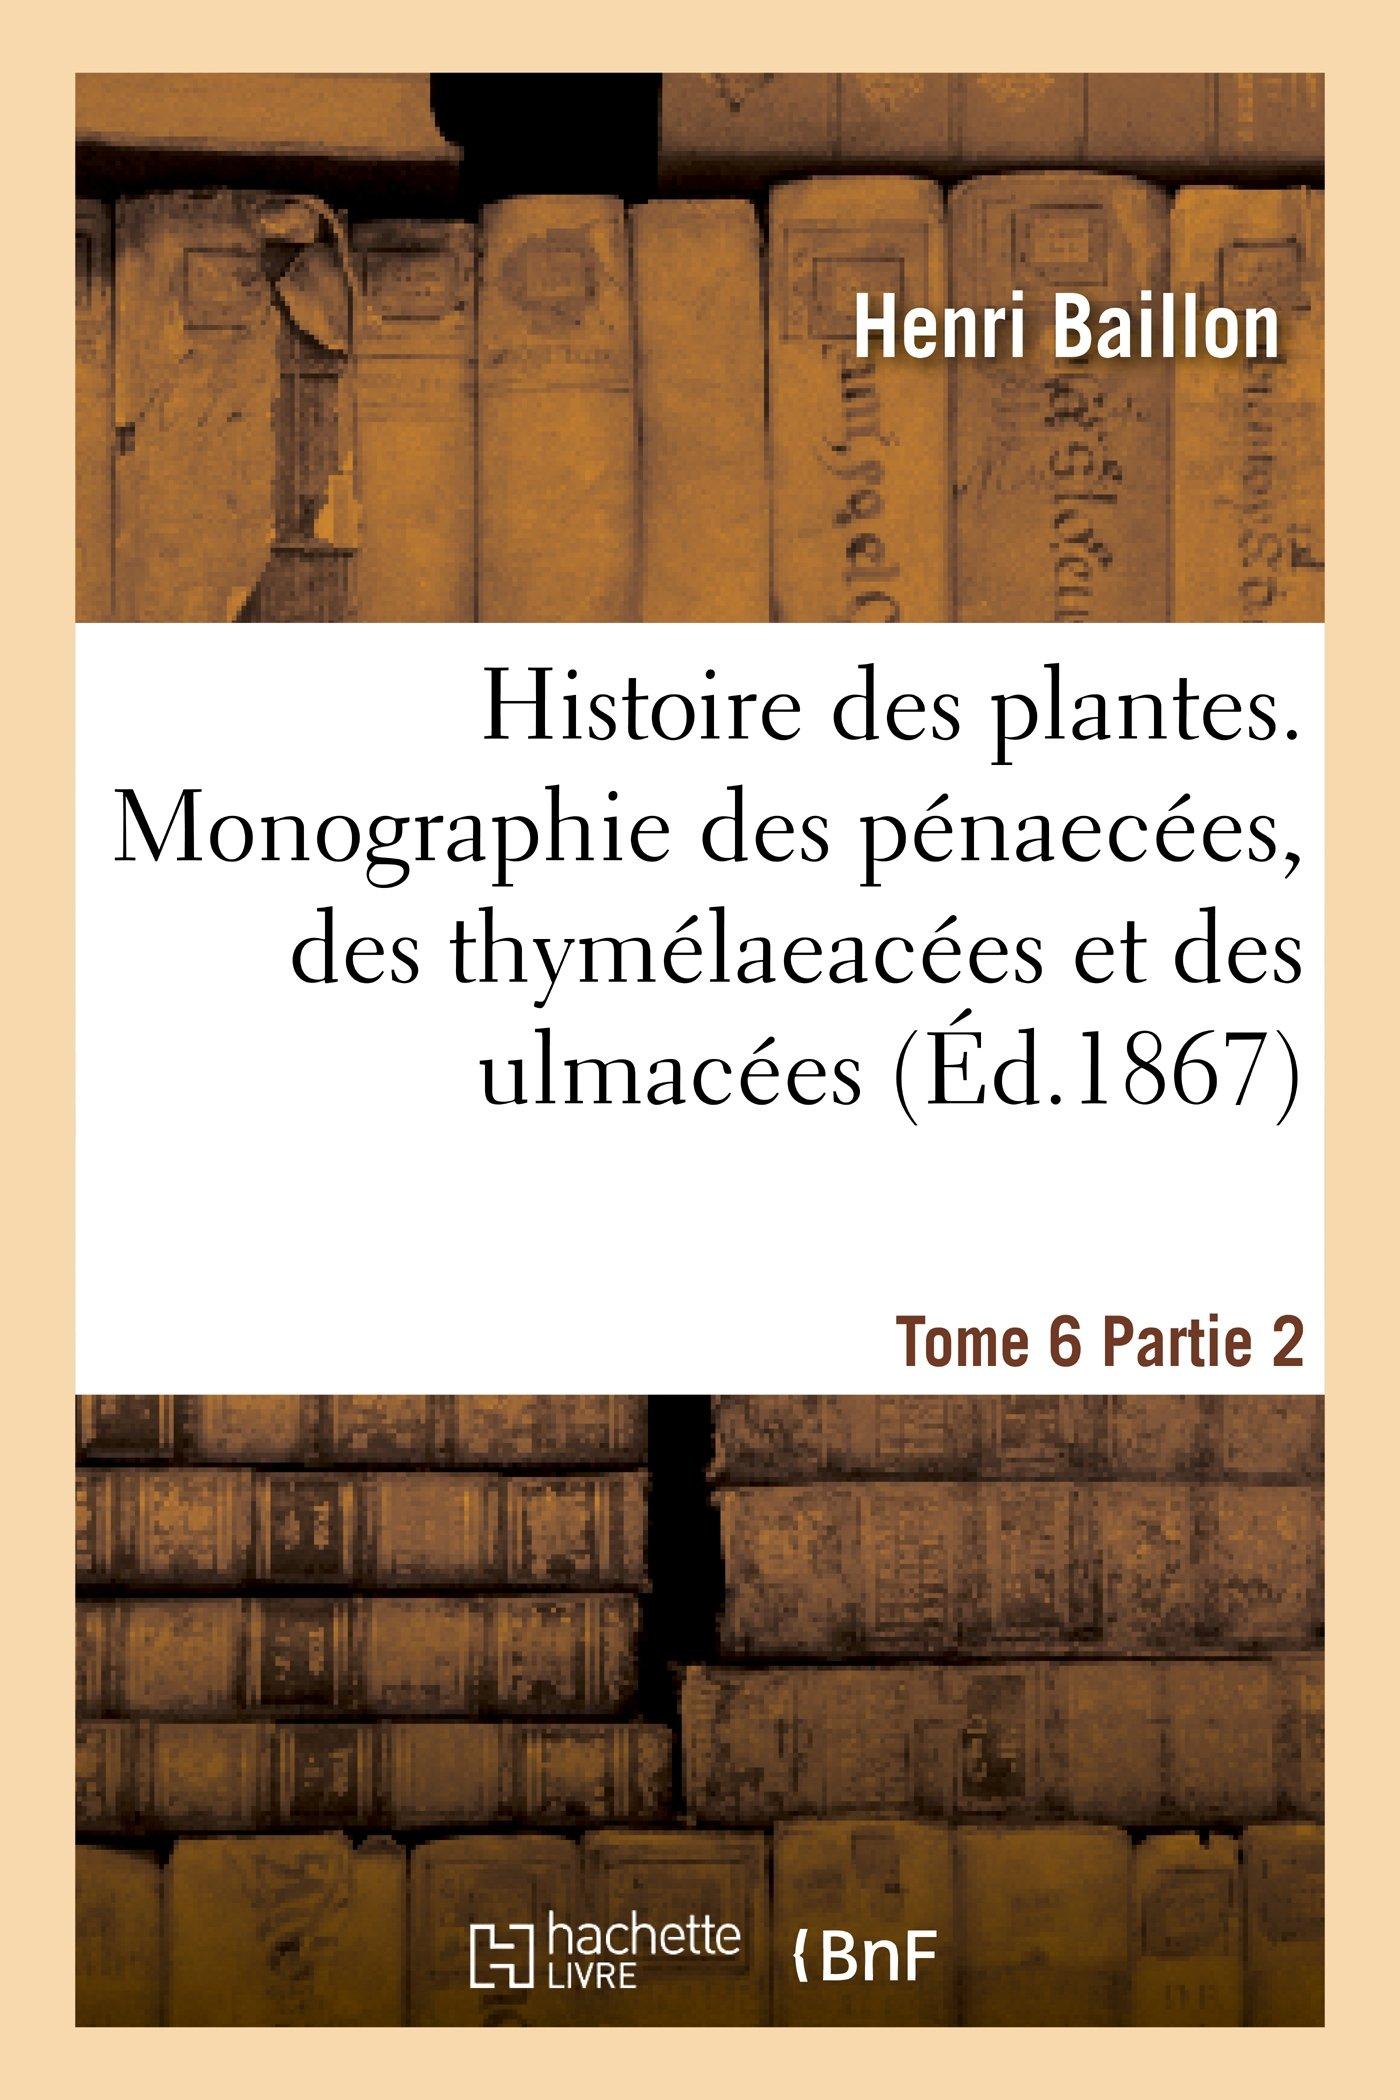 Histoire Des Plantes. Tome 6, Partie 2, Monographie Des Penaecees, Des Thymelaeacees Et Des Ulmacees (Sciences) (French Edition) ebook